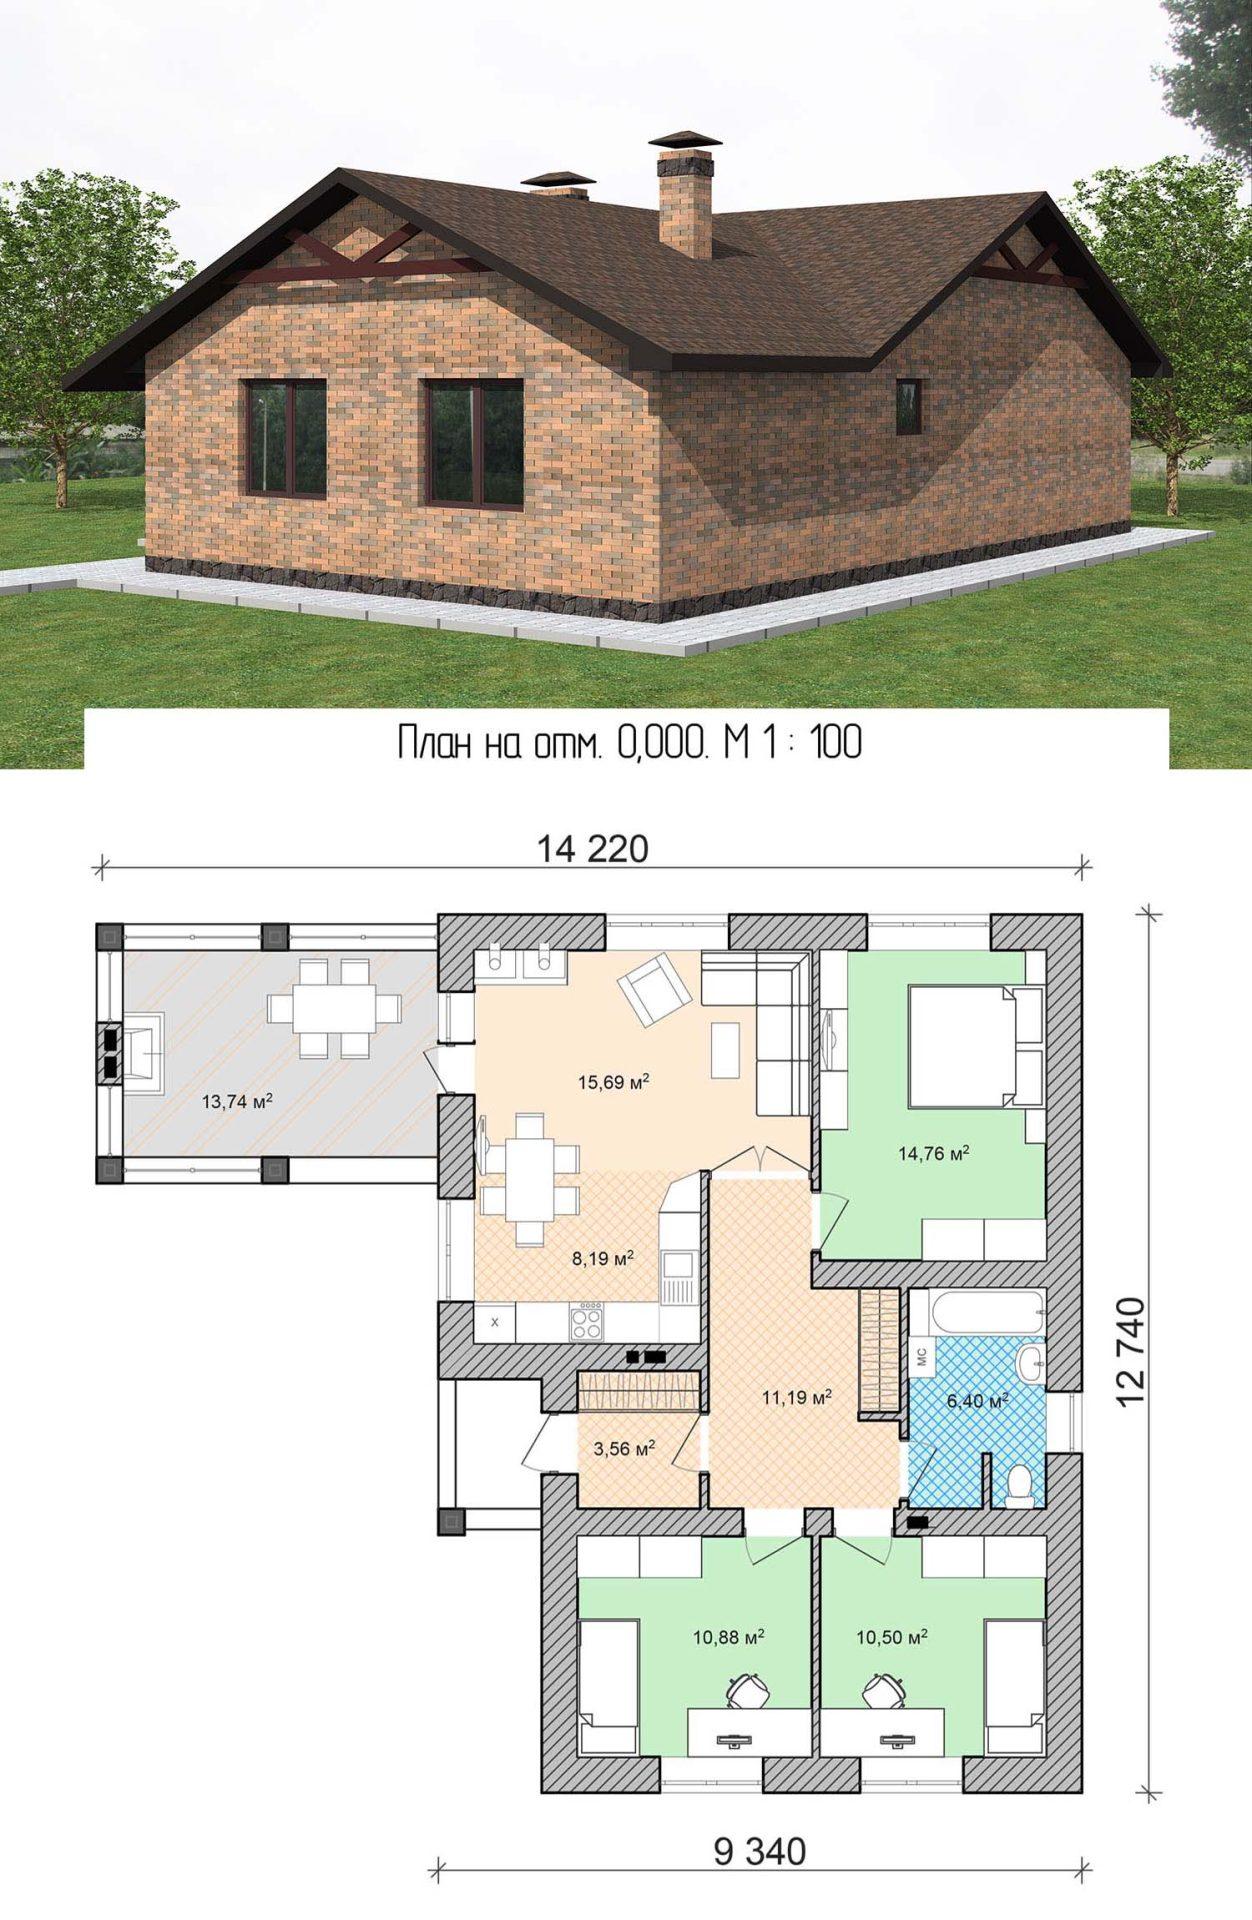 Проект дома на три спальни до 100 кв.м.